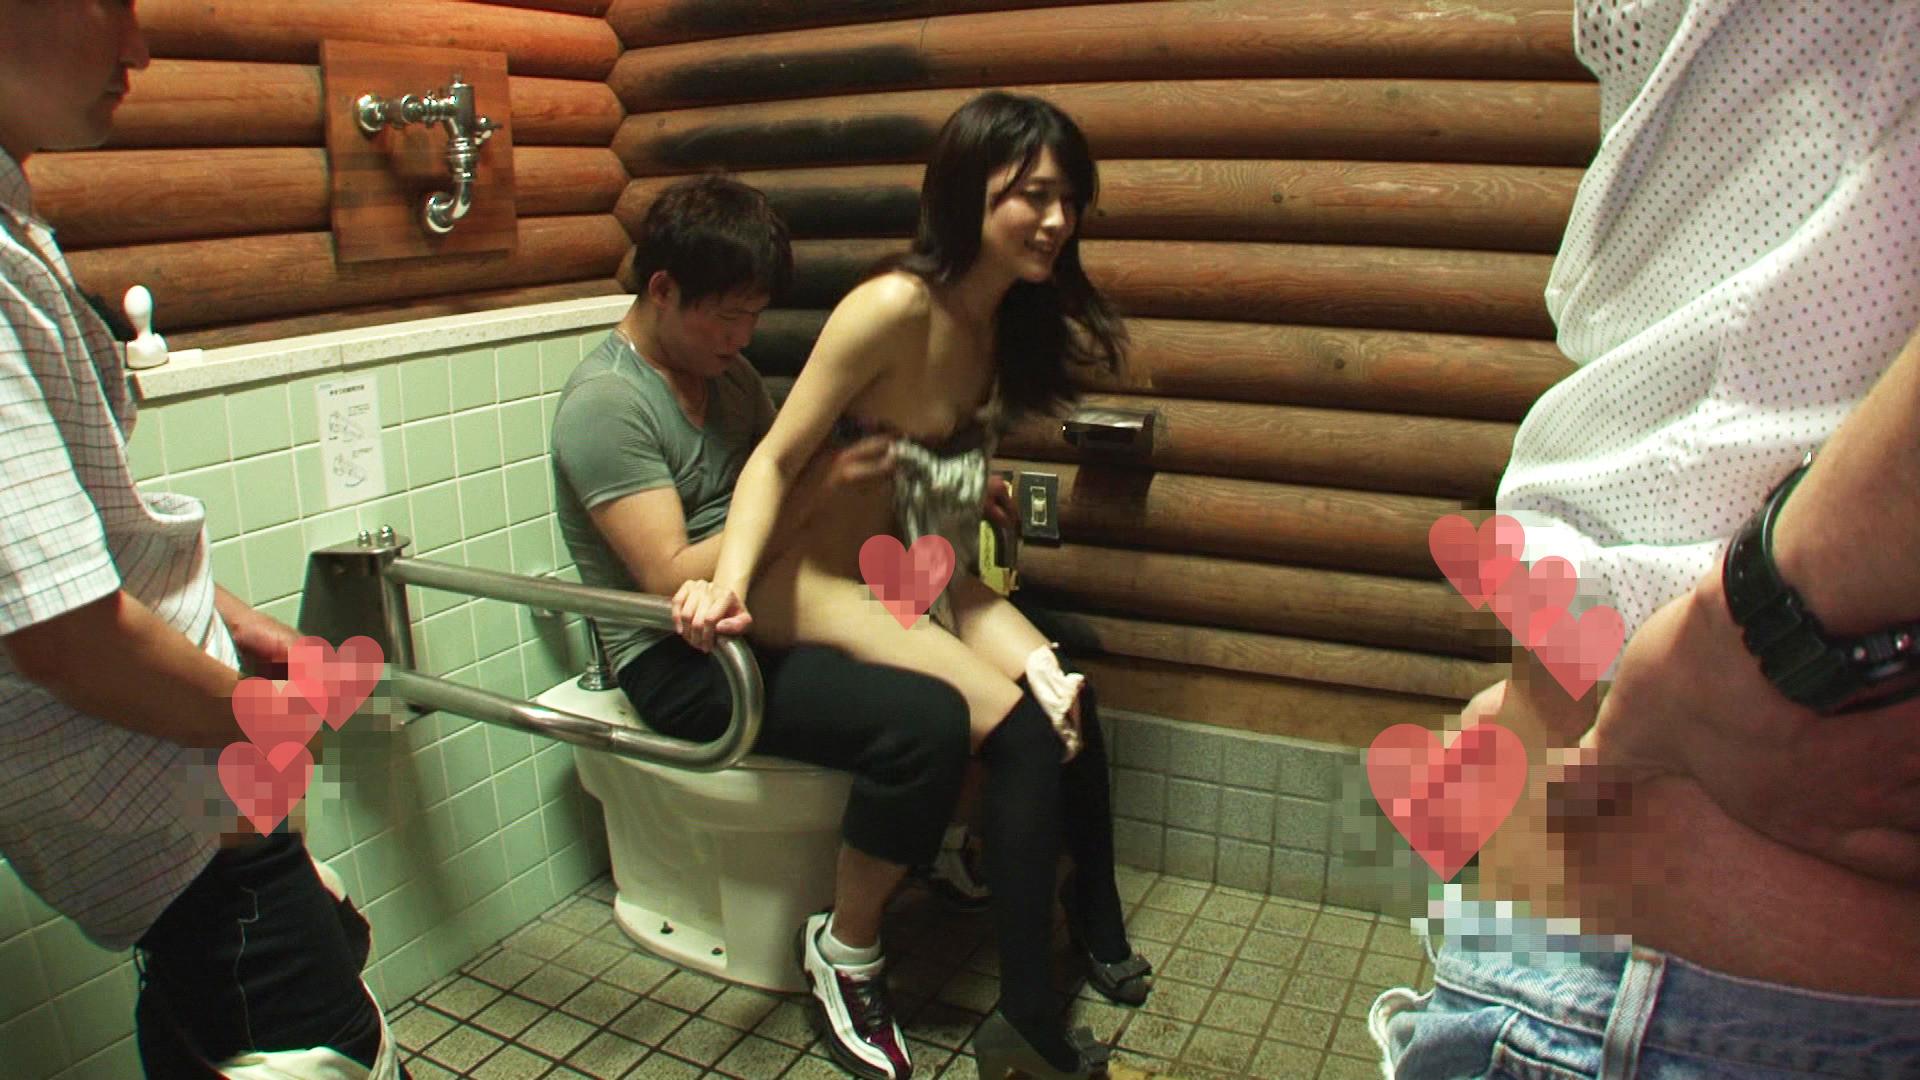 夫がいる身でありながら公衆トイレや車の中でヤラせてくれる若奥さんは生身のオモチャですっ!!